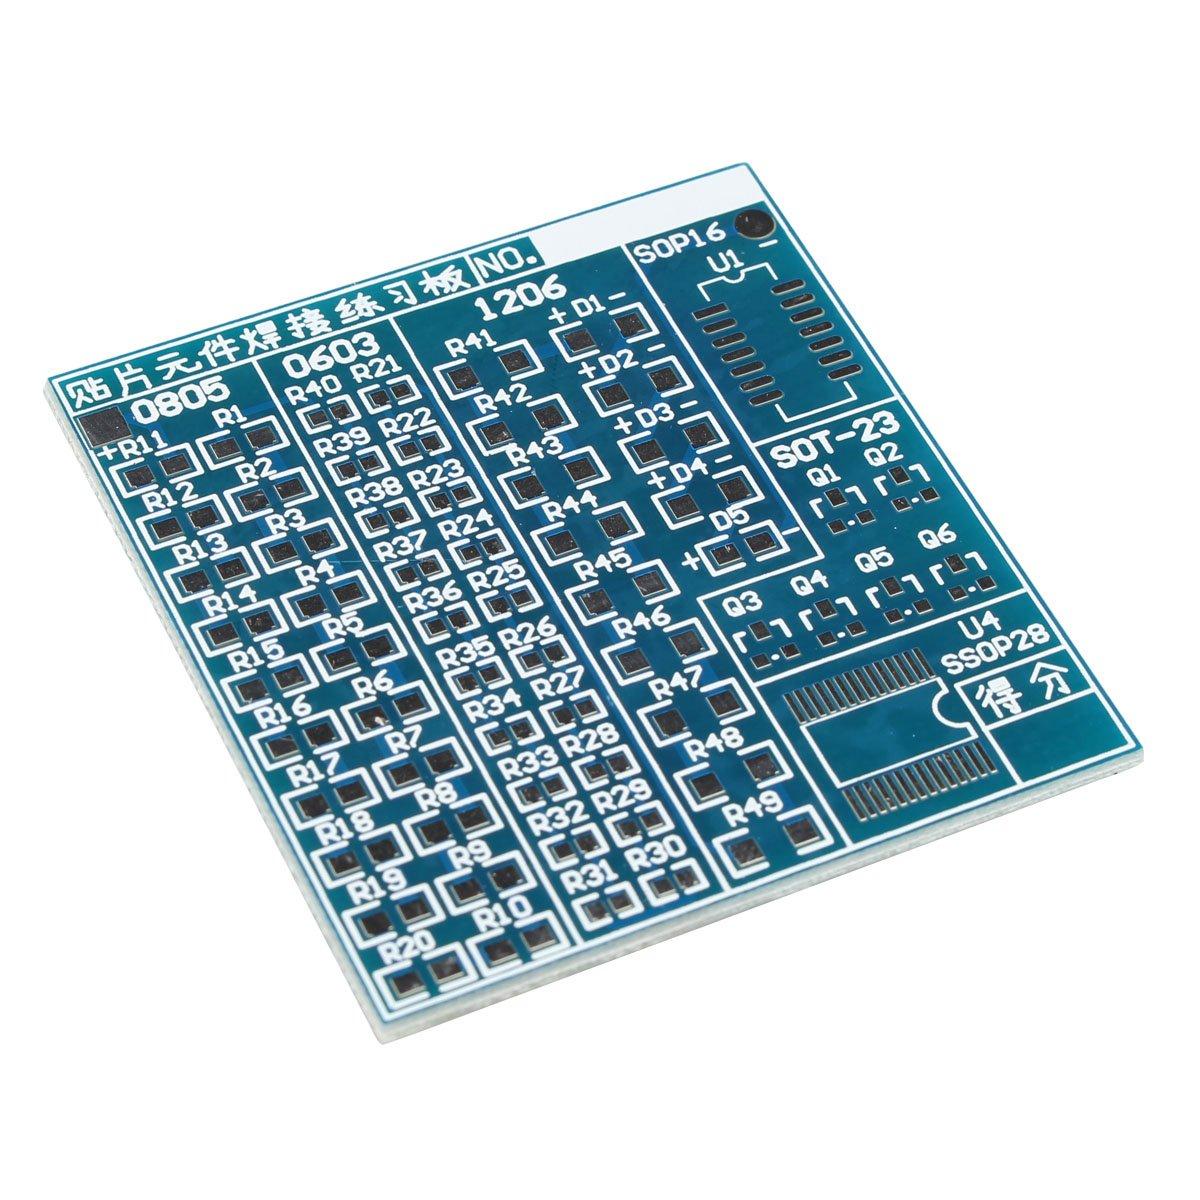 Tarjeta Haljia para prácticas con componentes SMT y SMD, prácticas de soldadura, placa PCB, juego de bricolaje, para Arduino: Amazon.es: Electrónica